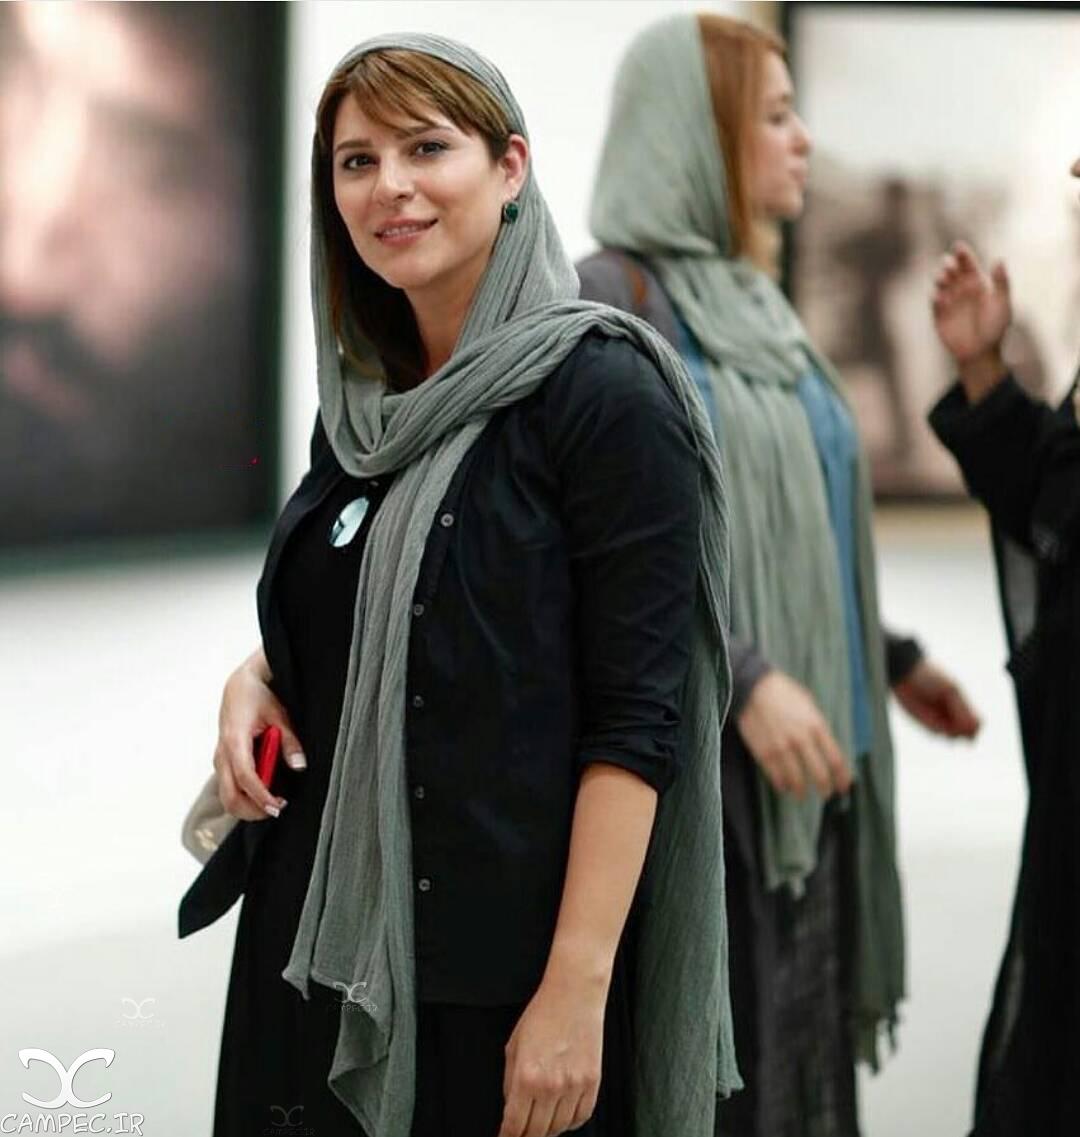 سحر دولتشاهی در نمایشگاه عکس ایستاده در غبار